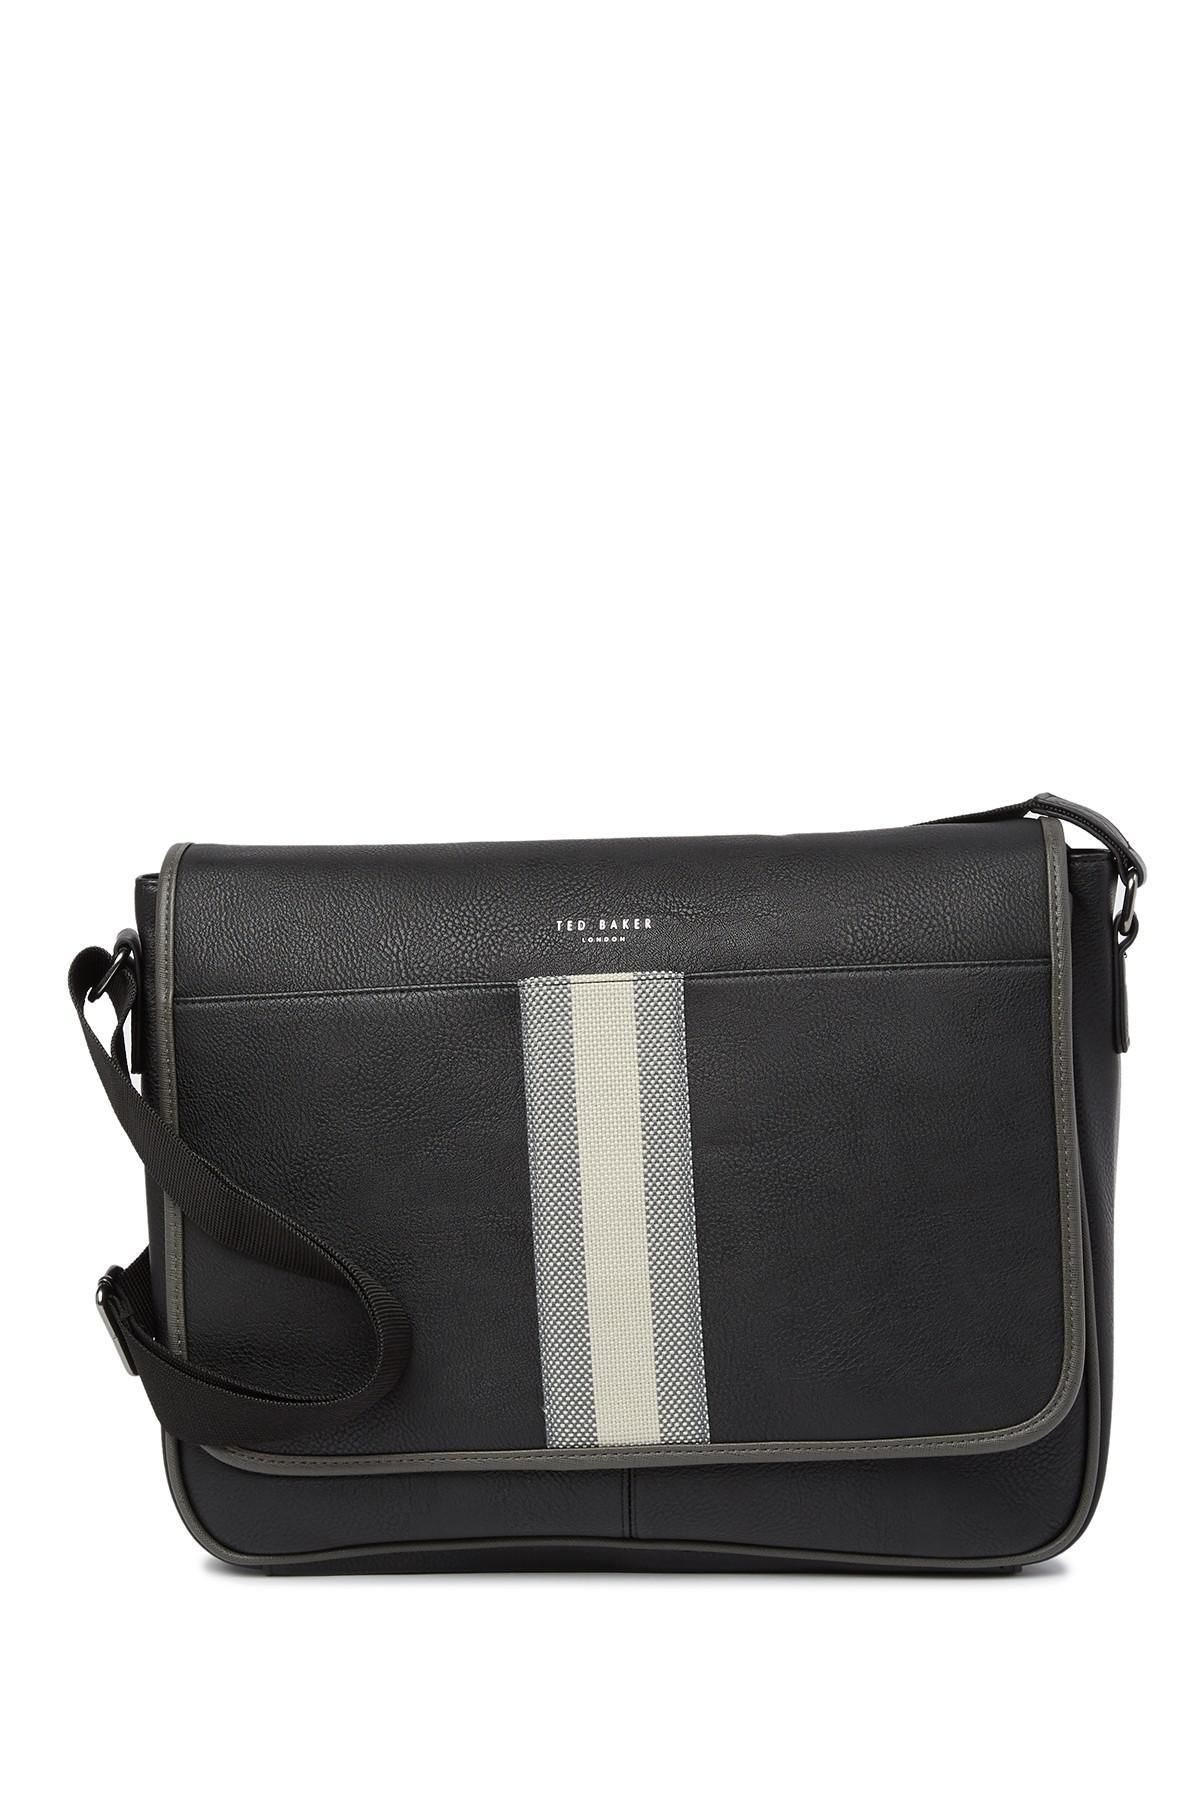 ed9e1589b128e5 Lyst - Ted Baker Needles Webbing Messenger Bag in Black for Men